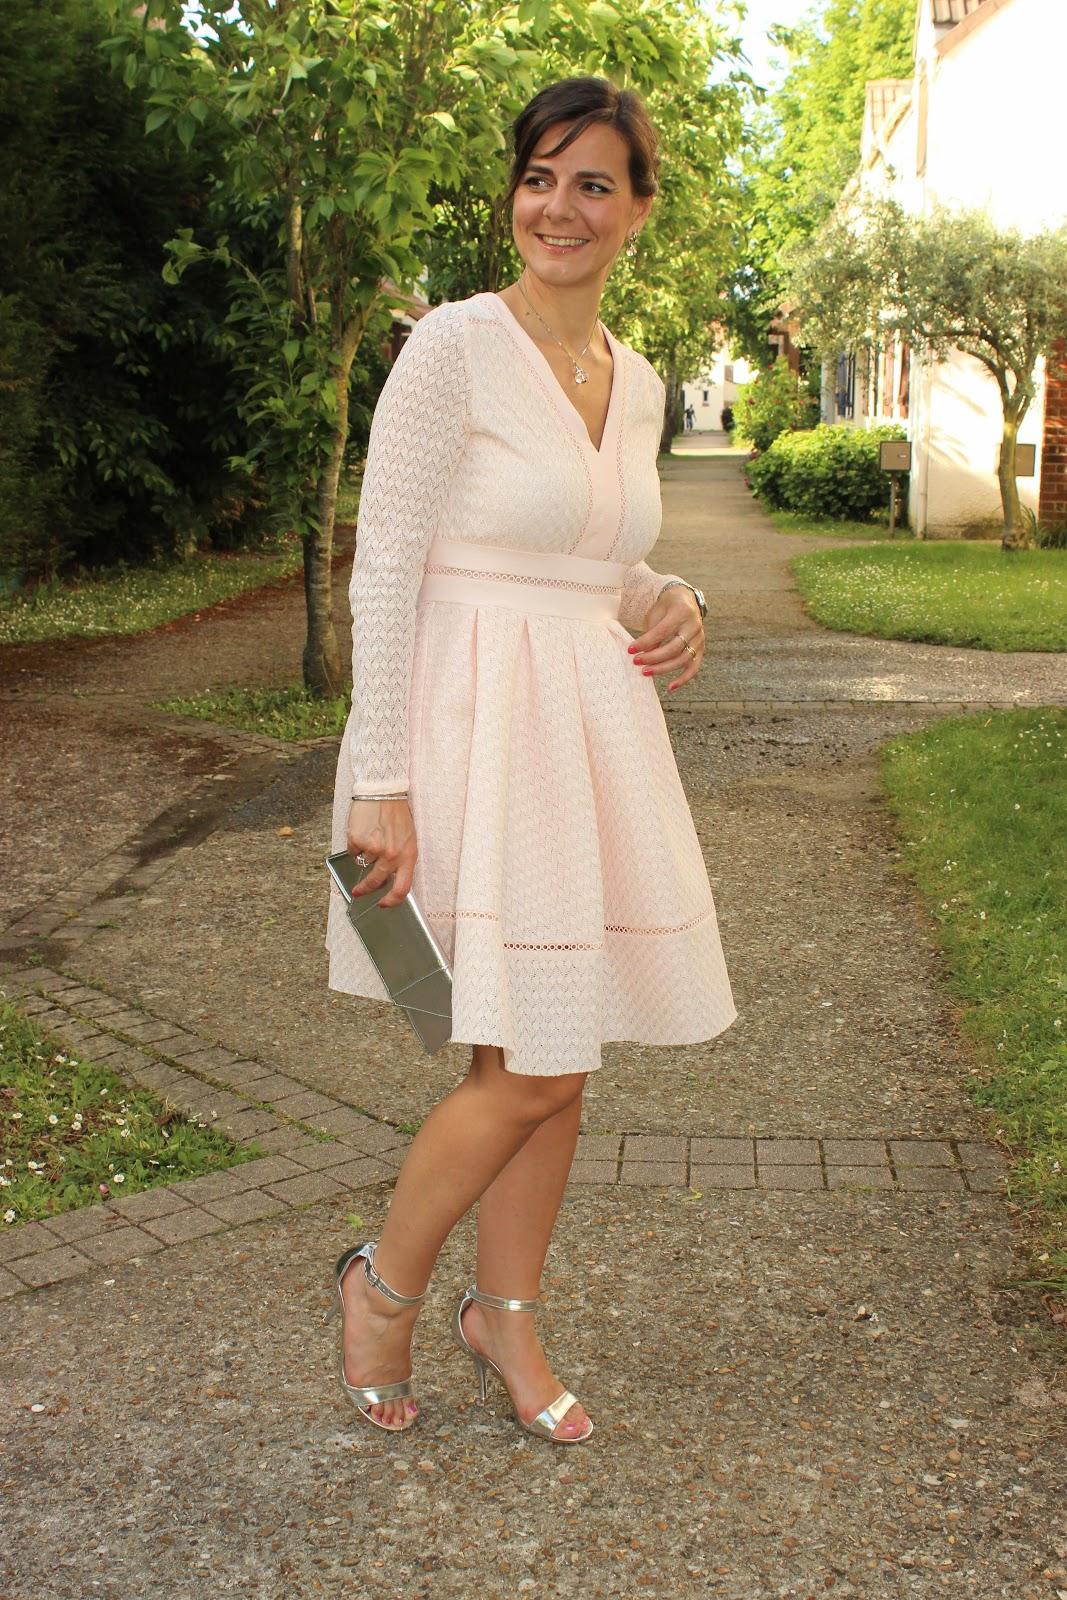 robe maje rose, sandales argentées, les petites bulles de ma vie